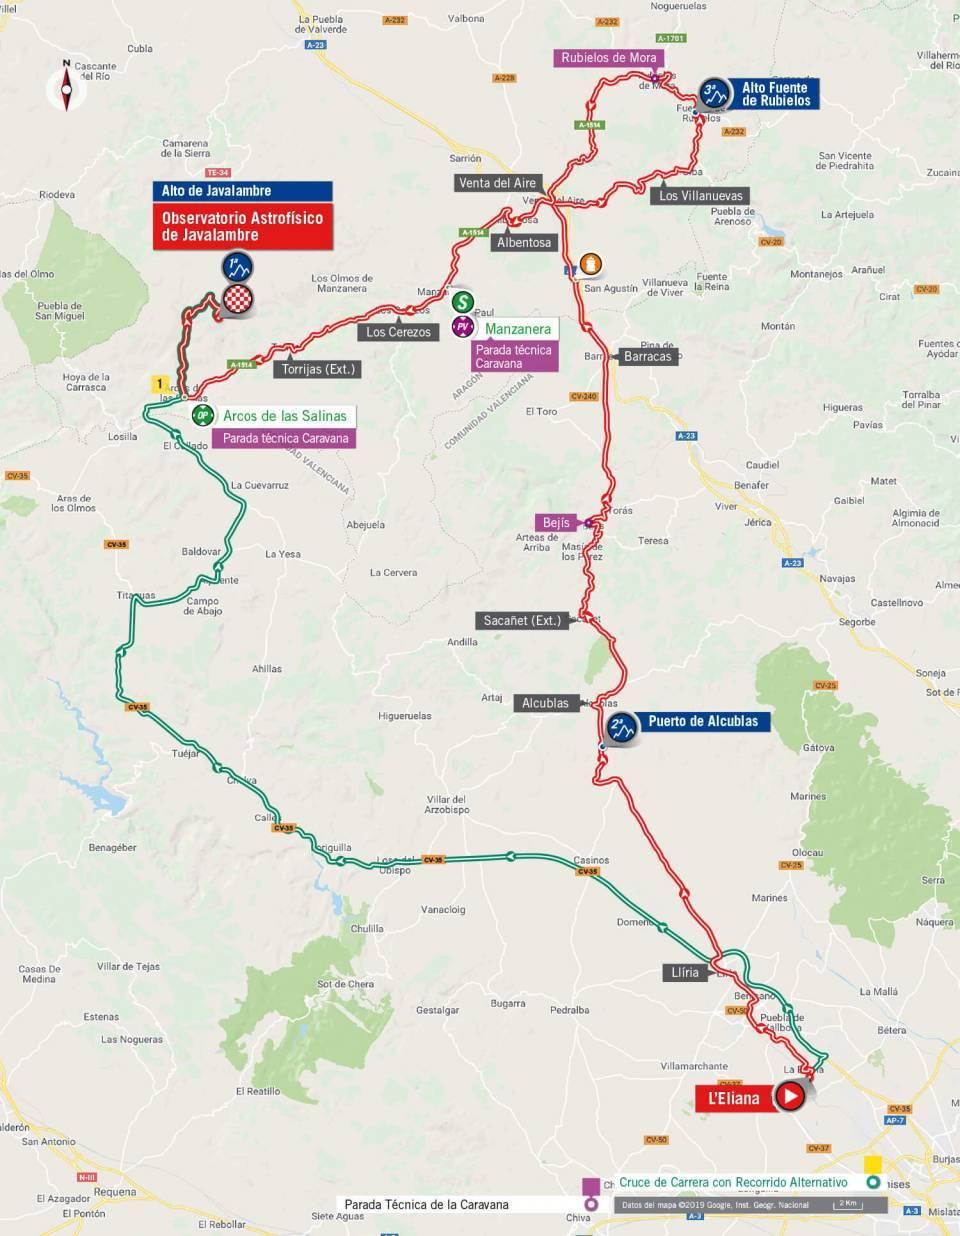 plano etapa 5 la vuelta 2019